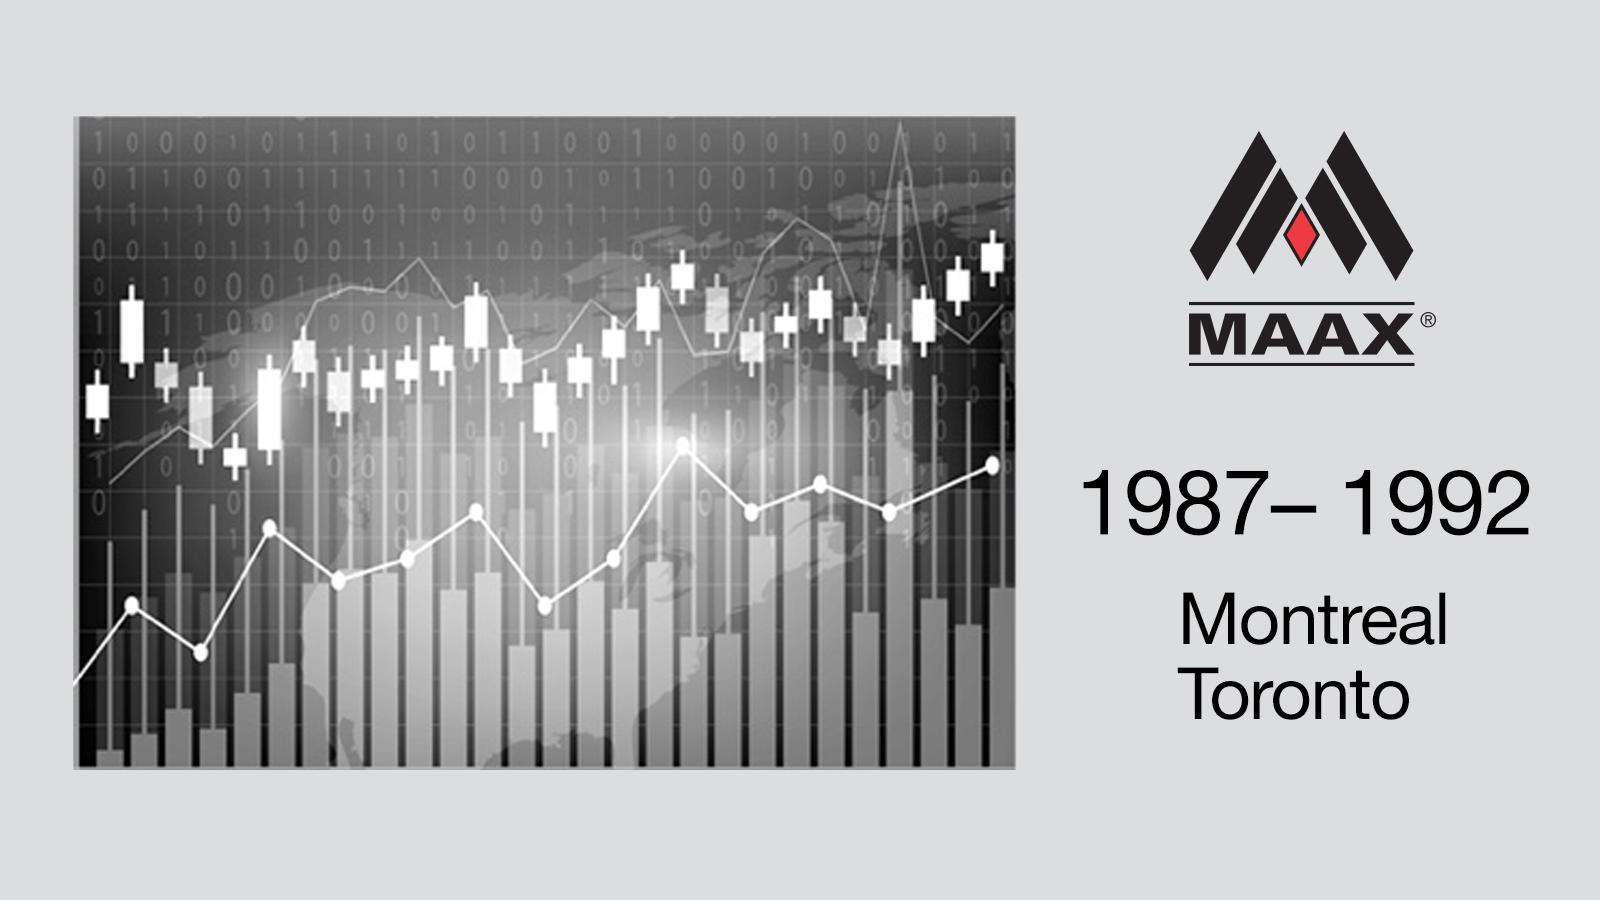 MAAX History 1987 - 1992